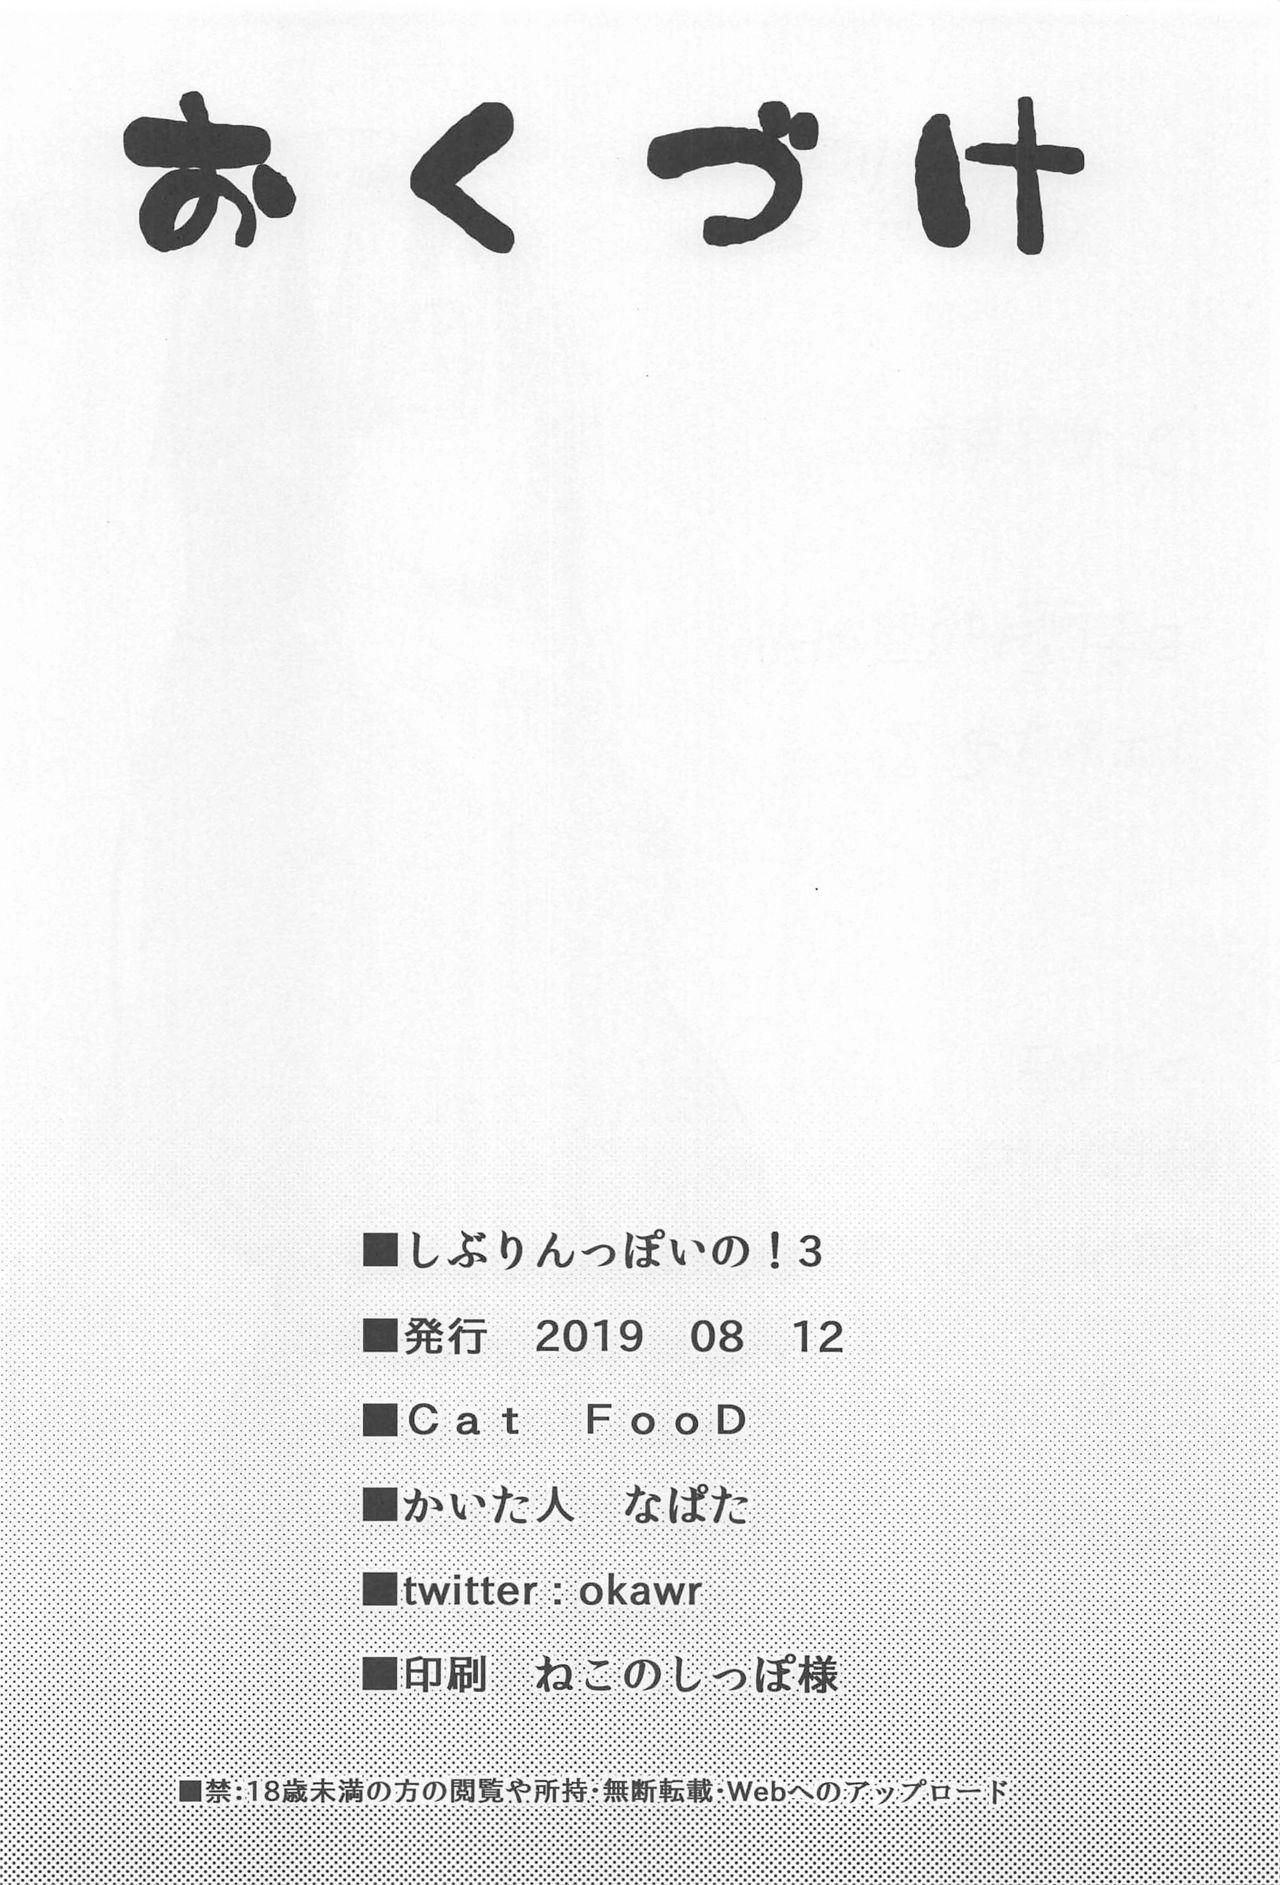 Shiburin-ppoi no! 3 16